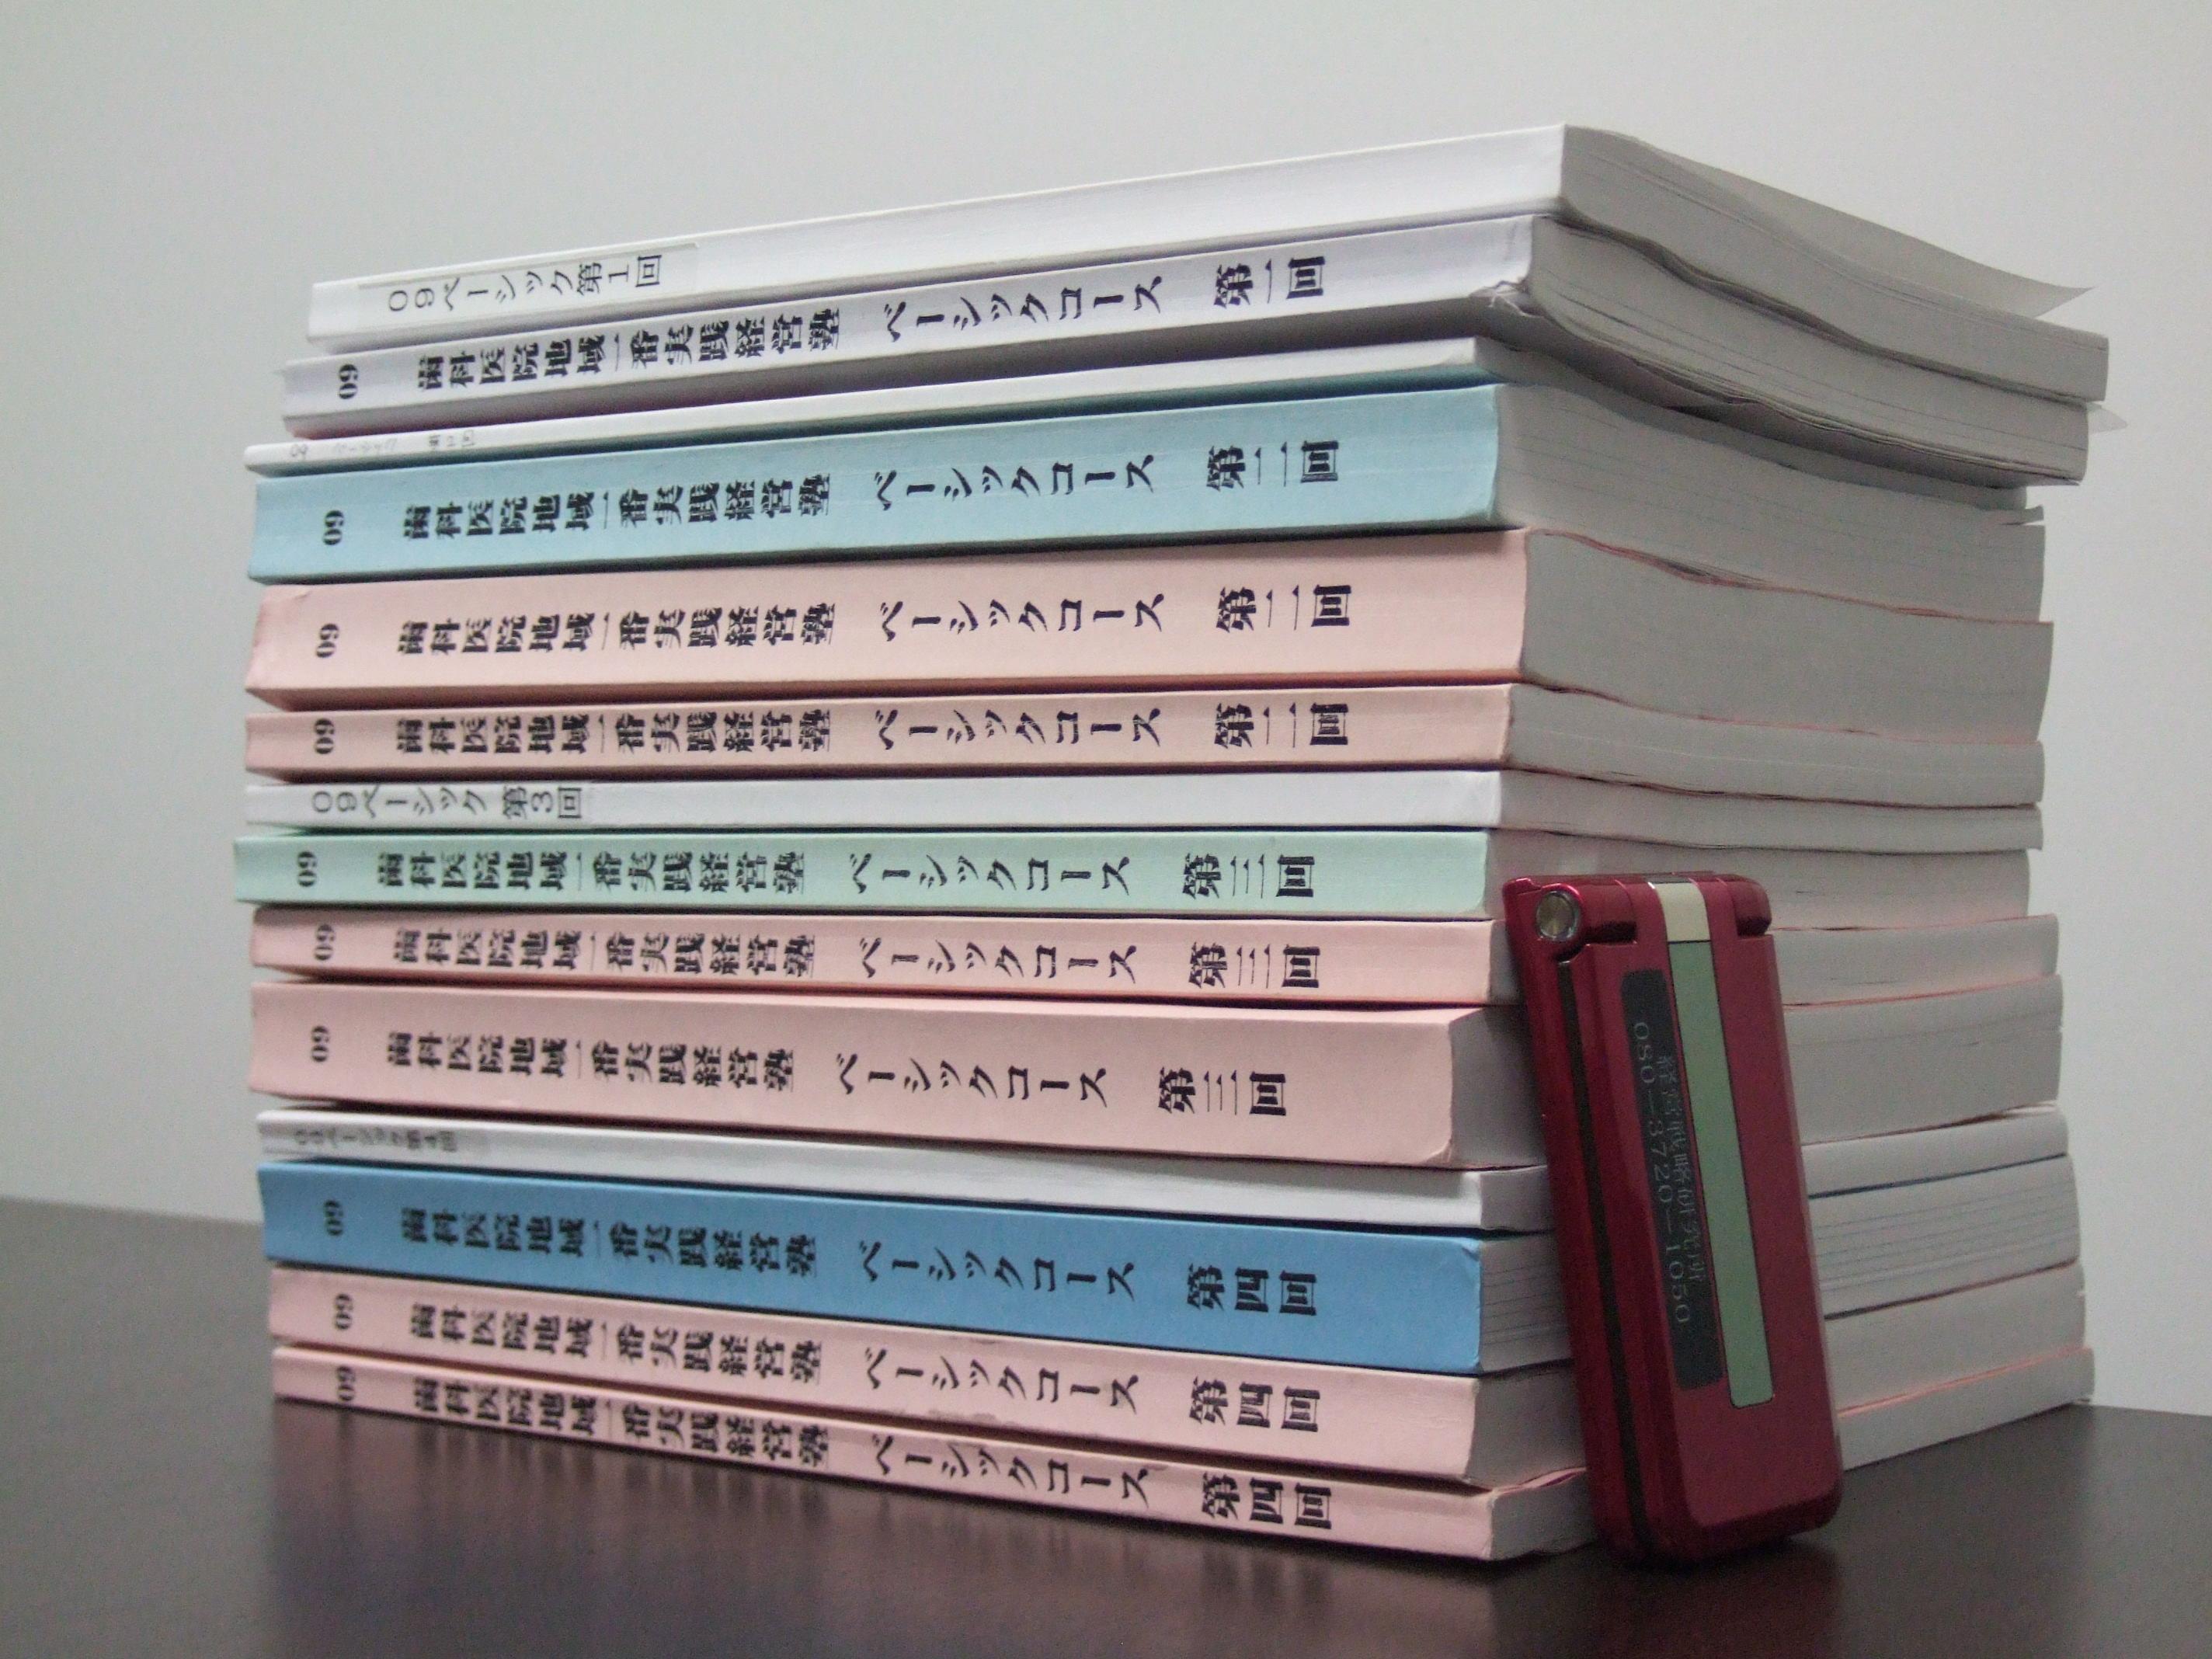 2009年経営塾ベーシックコース全4回のテキスト・資料を積み上げるとこれだけの高さになるのです!